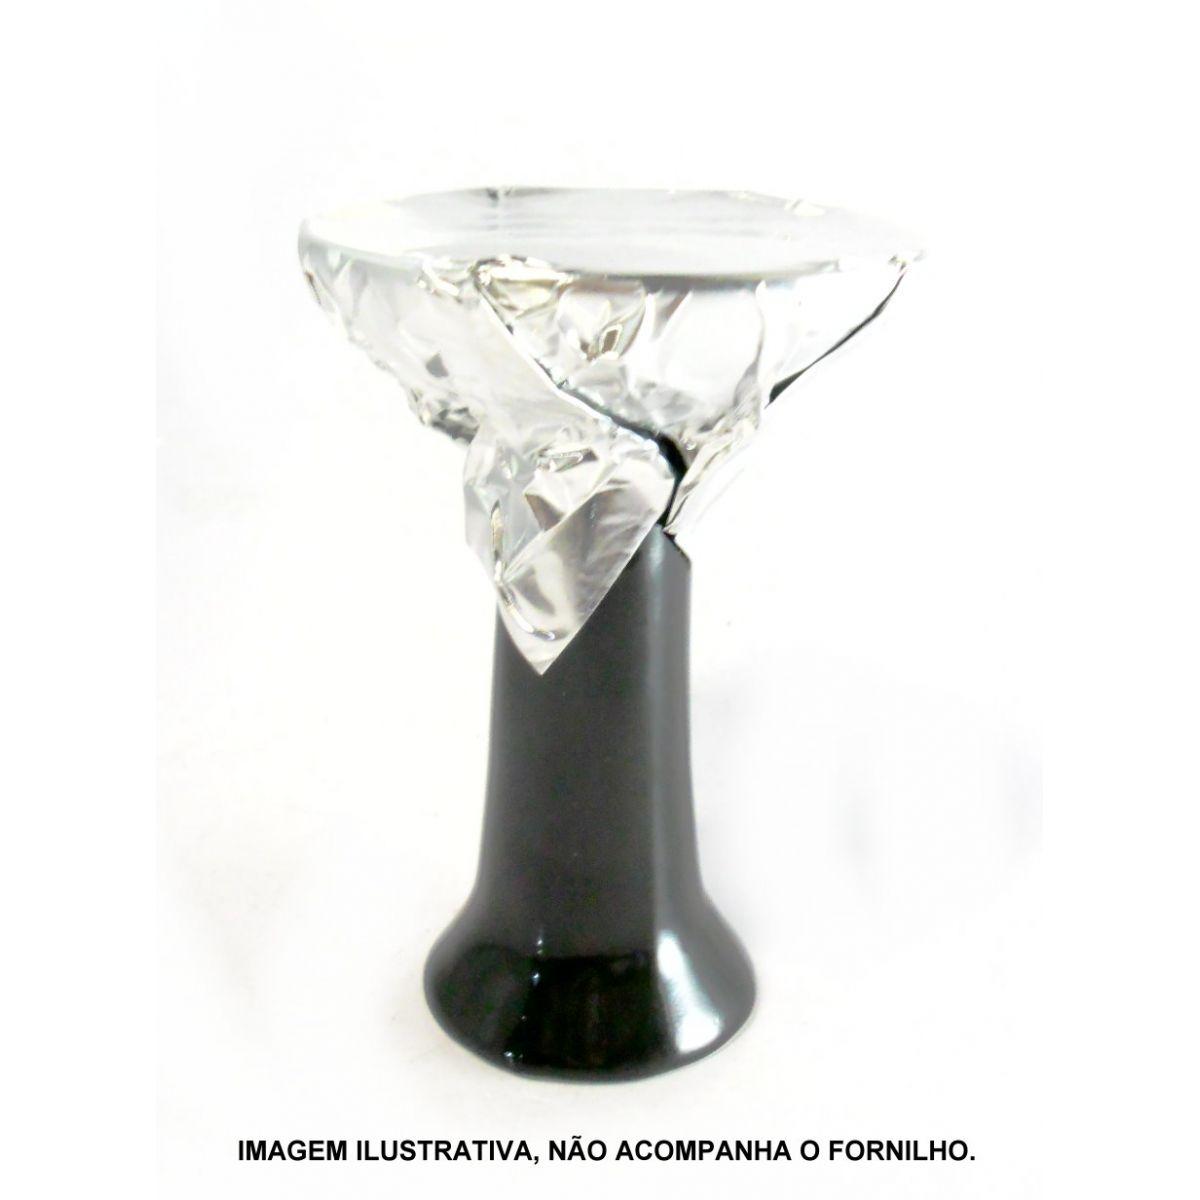 CAIXA de Folhas de Alumínio para narguile MD HOOKAH, GROSSO (30 micras), 16,5cm, corte quadrado, caixa com 50 un.